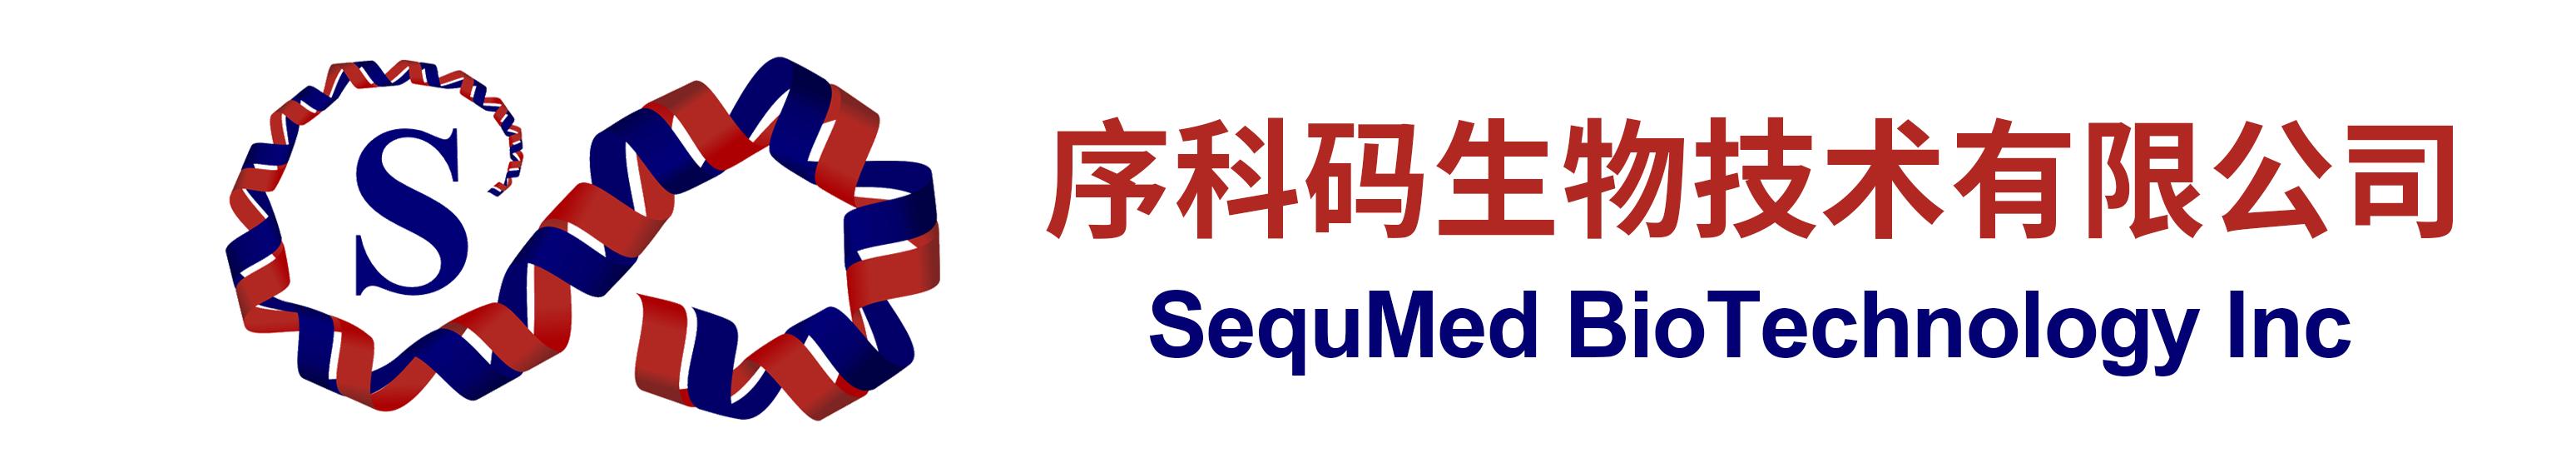 广州序科码生物技术有限责任公司